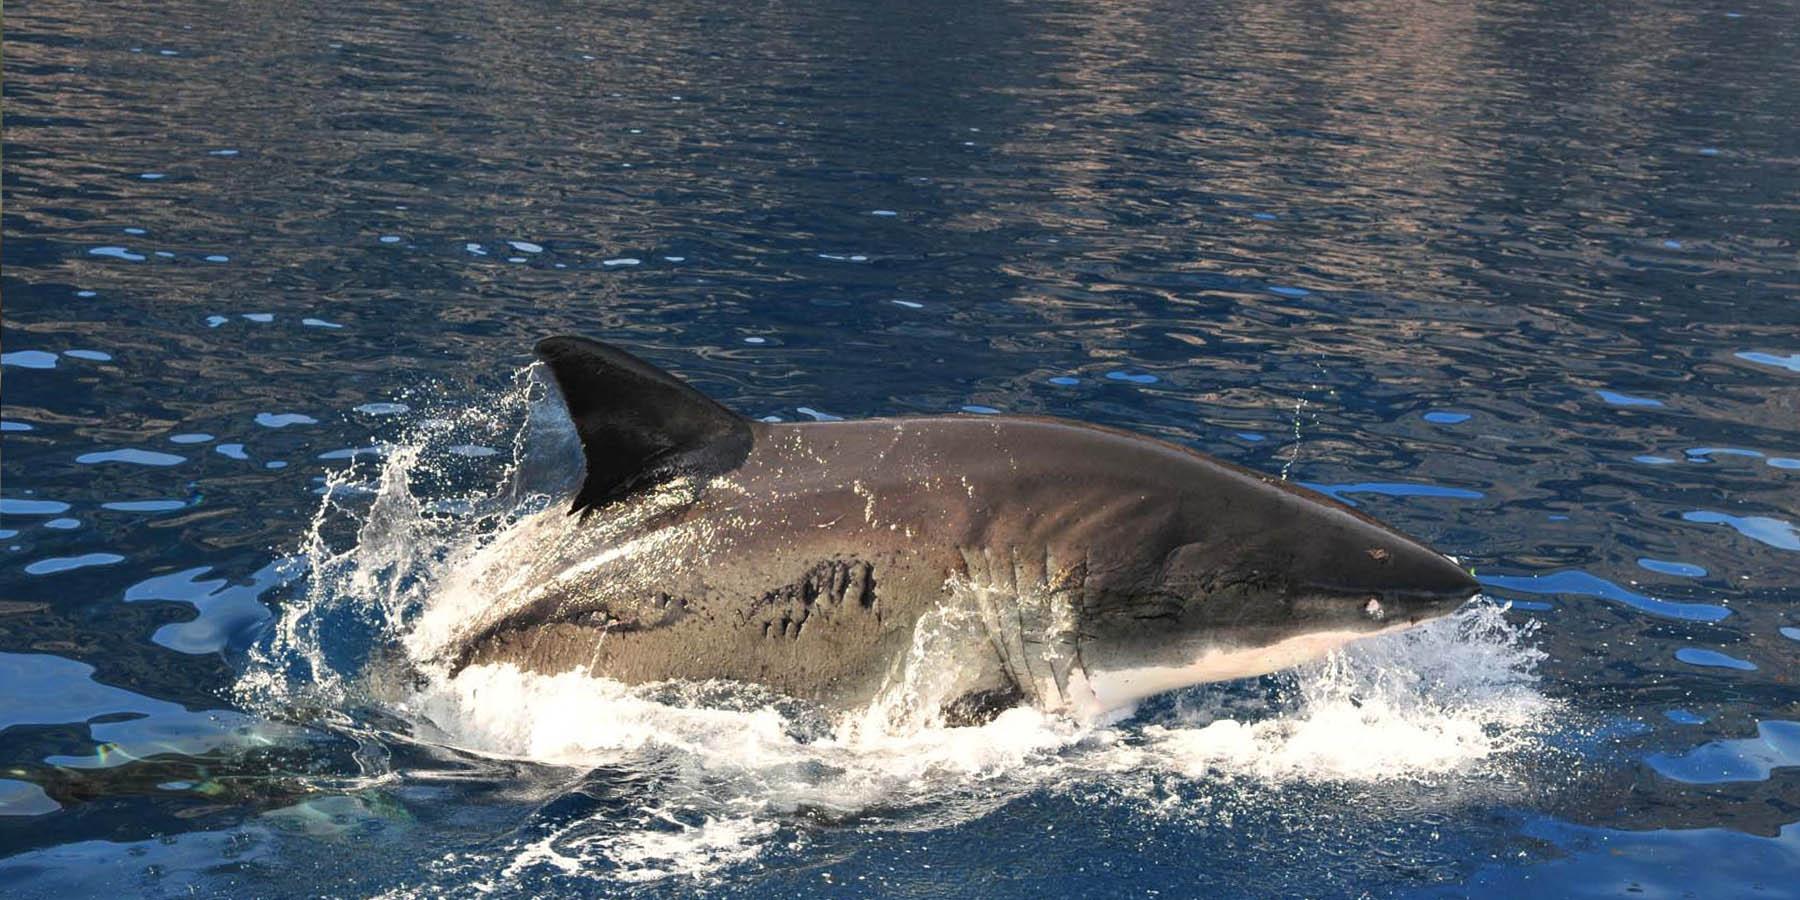 1REQUINS SHARKS Photo04 - Télé : 'Méditerranée, le royaume perdu des requins', rediffusion le 26 juin sur France 2